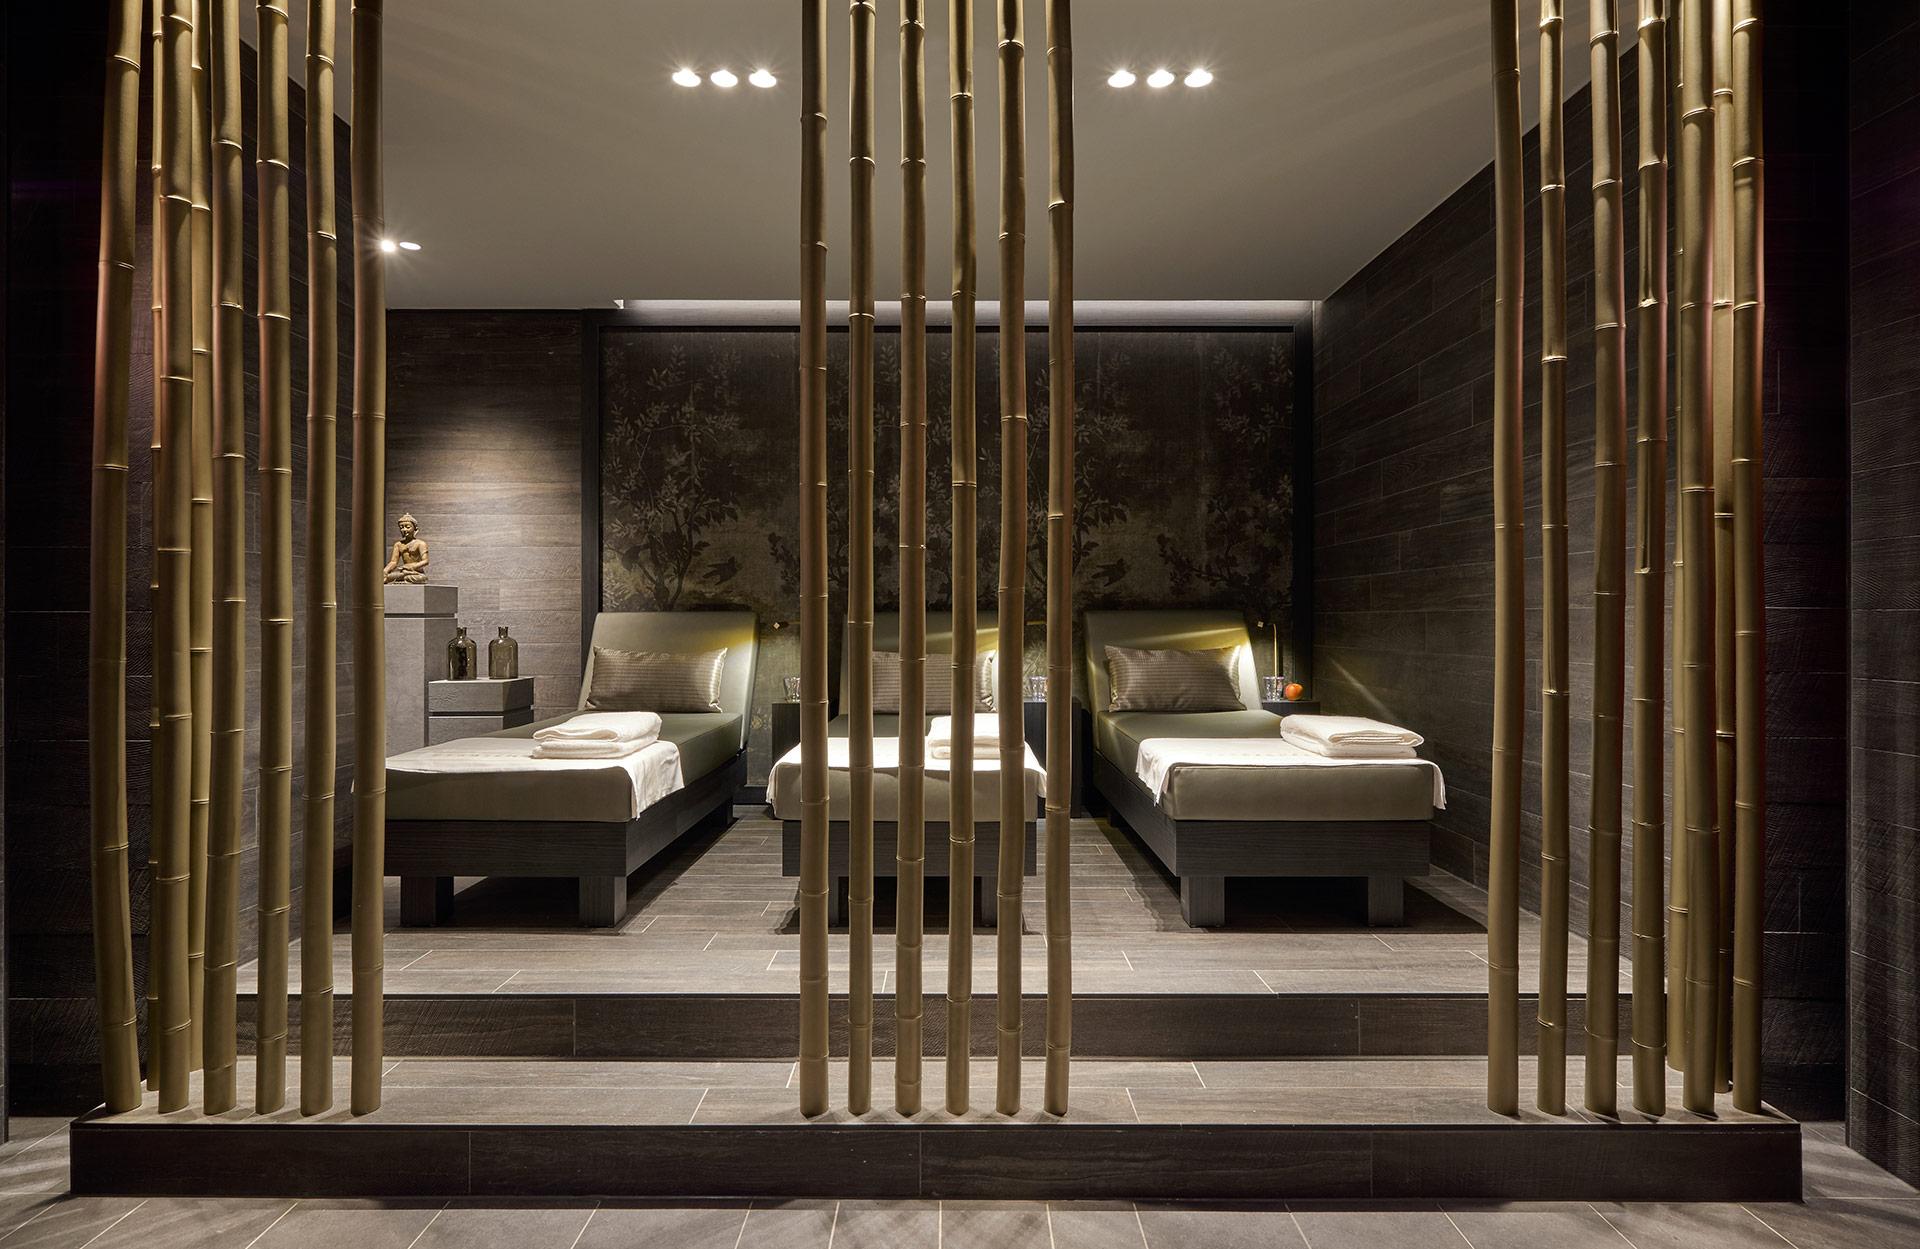 Der Spa im Hotel Der Öschberghof in Donaueschingen. Entworfen von JOI-Design.